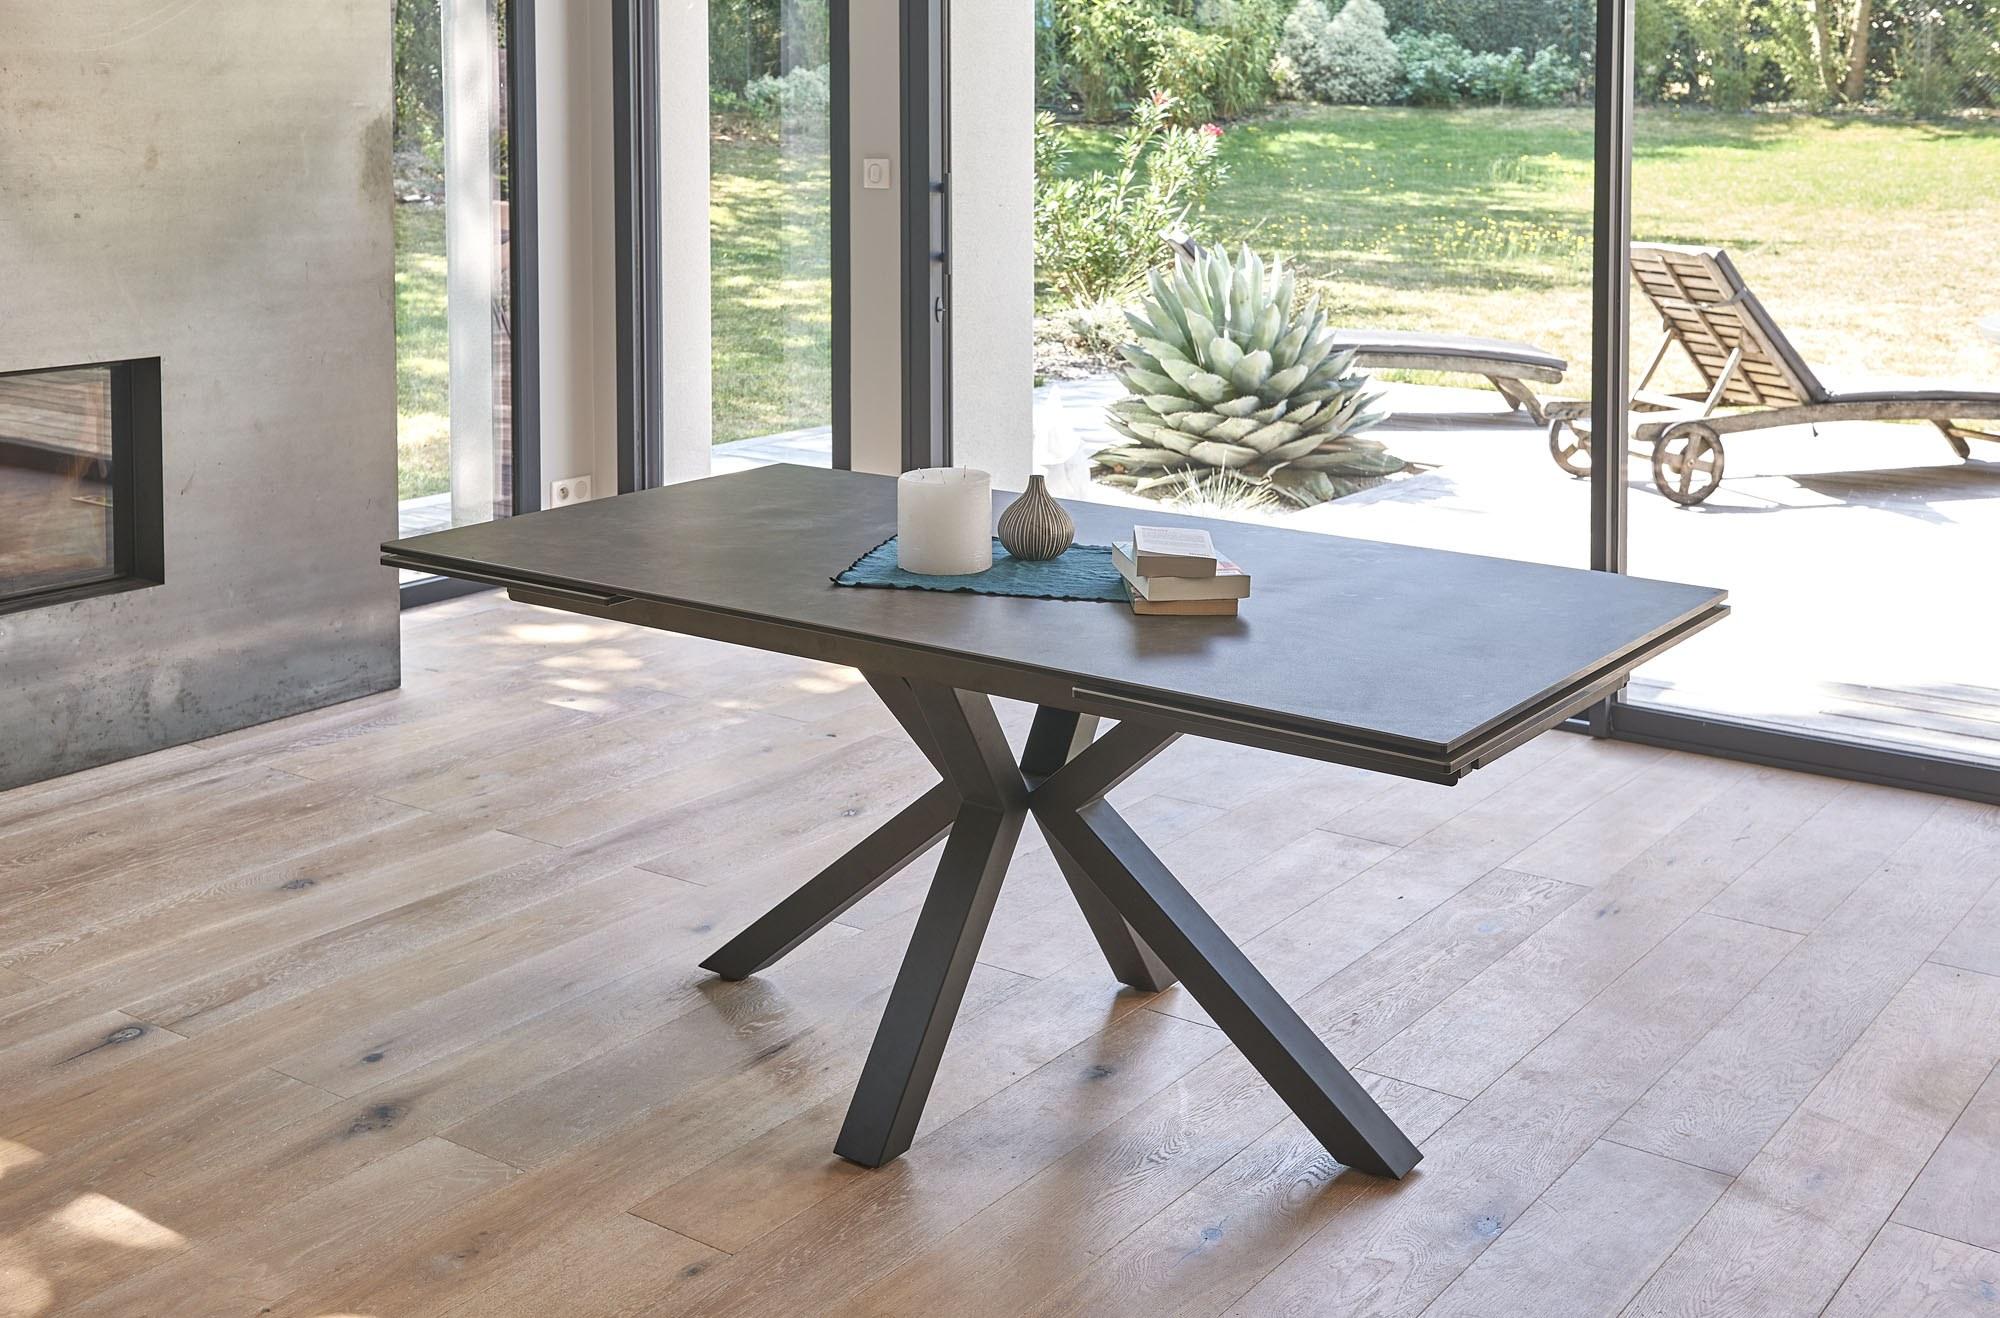 table rectangulaire pieds étoile céramique métal allonge